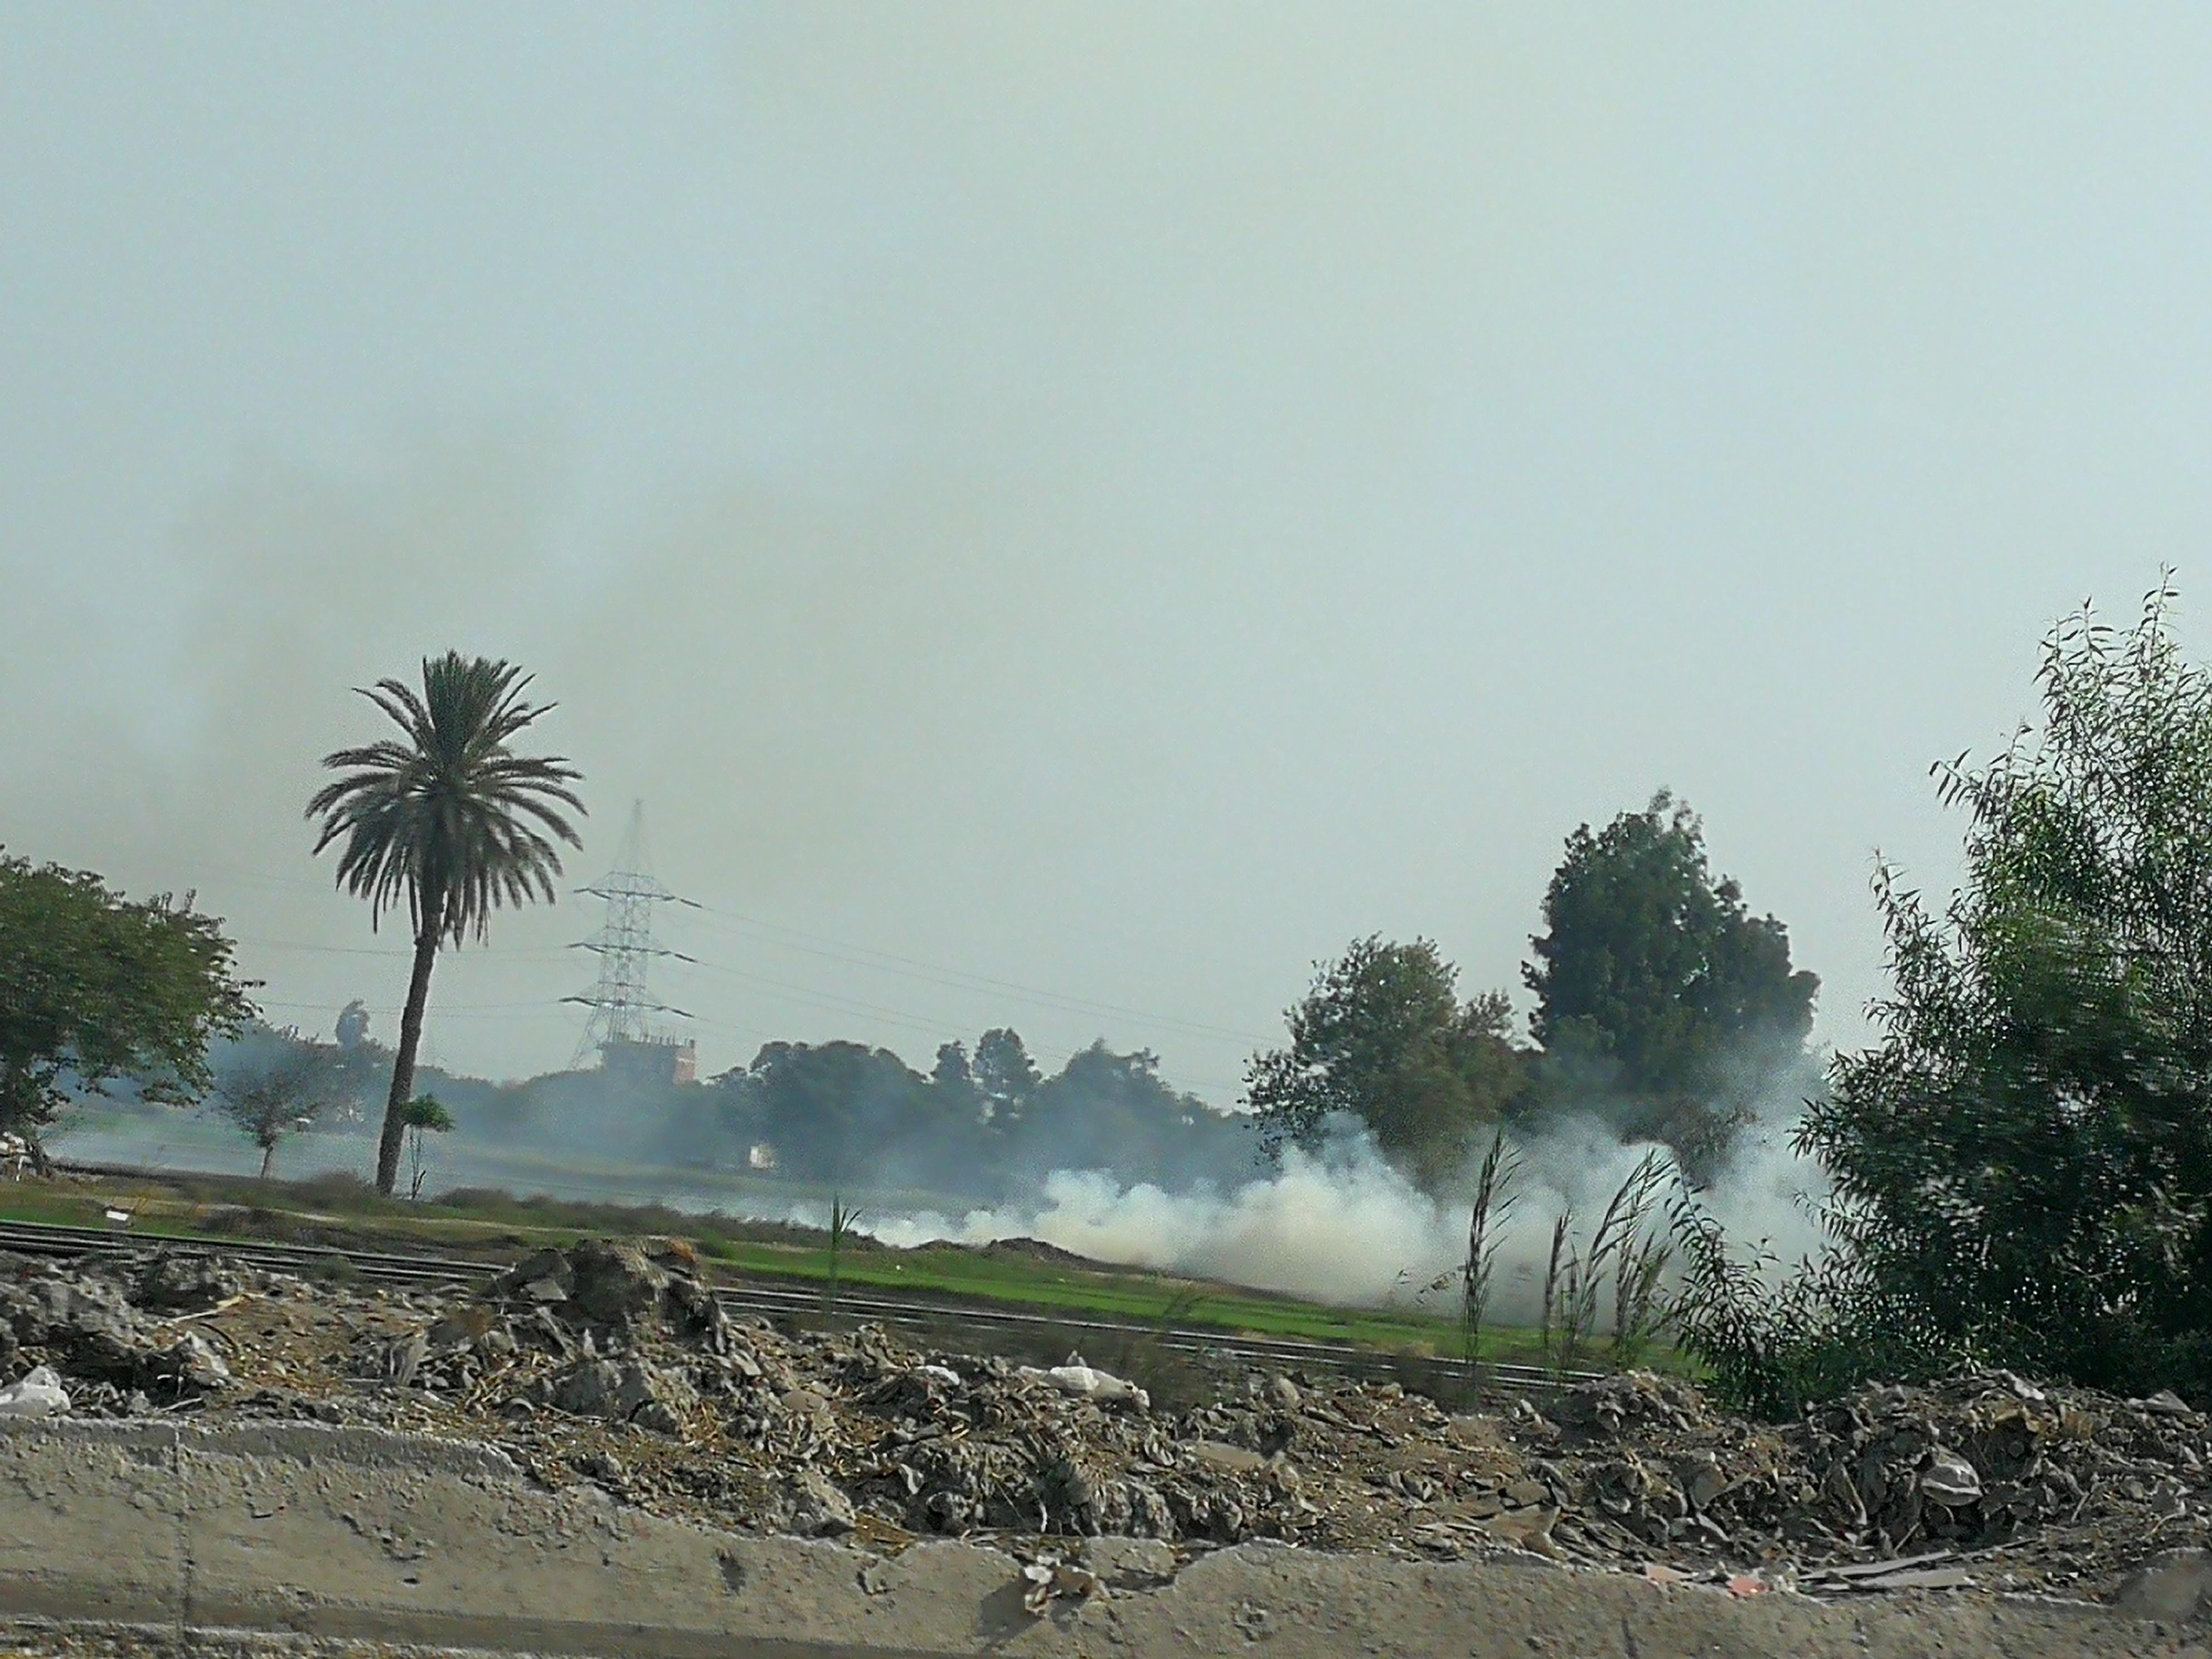 حريق قش الرز بالغربية (3)